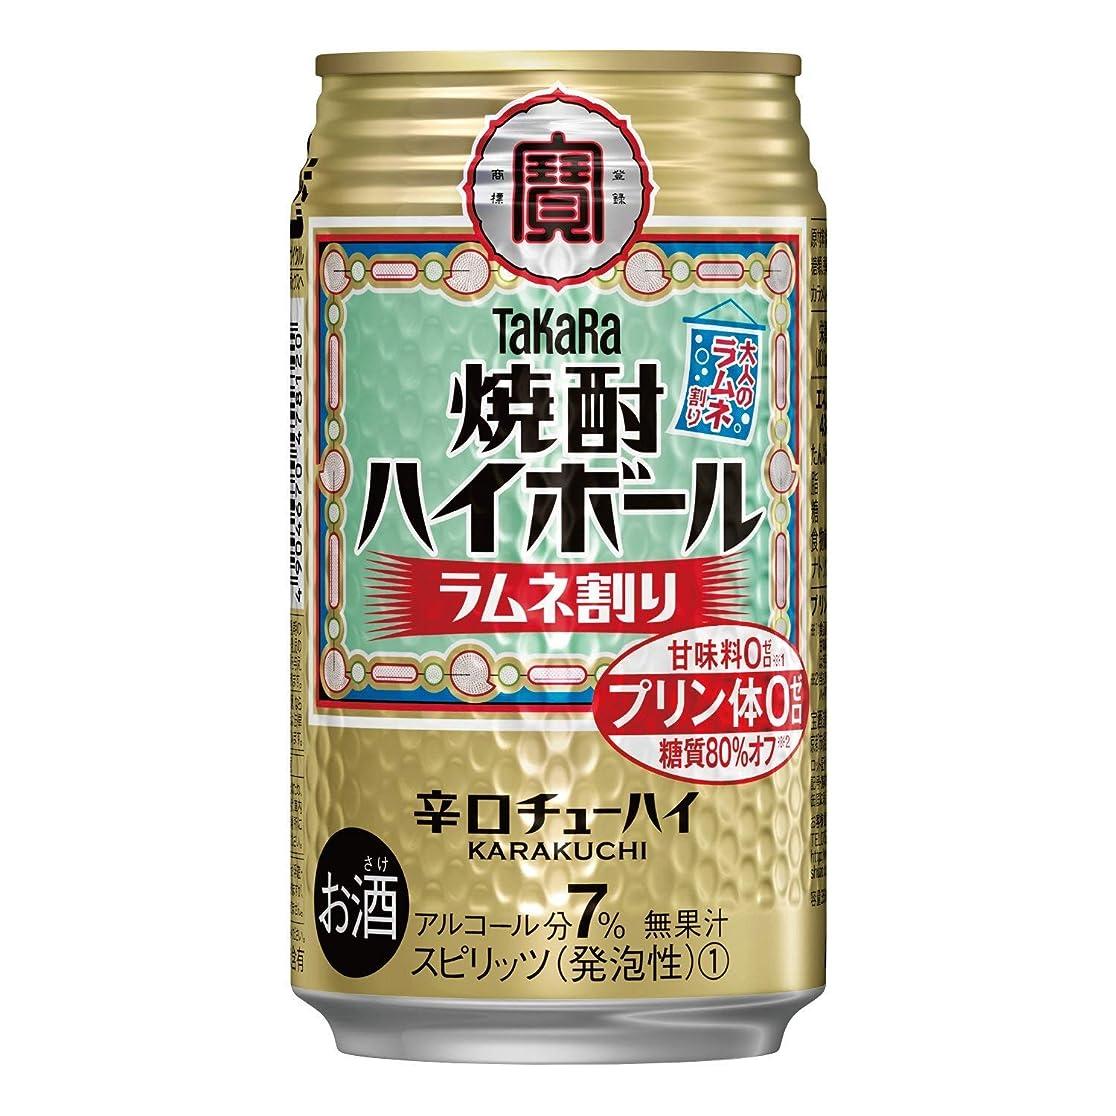 レスリング保証する借りる缶チューハイ 宝 焼酎ハイボール ラムネ 350缶 3ケース (350ml) 1ケース24本入 (辛口チューハイ)タカラ